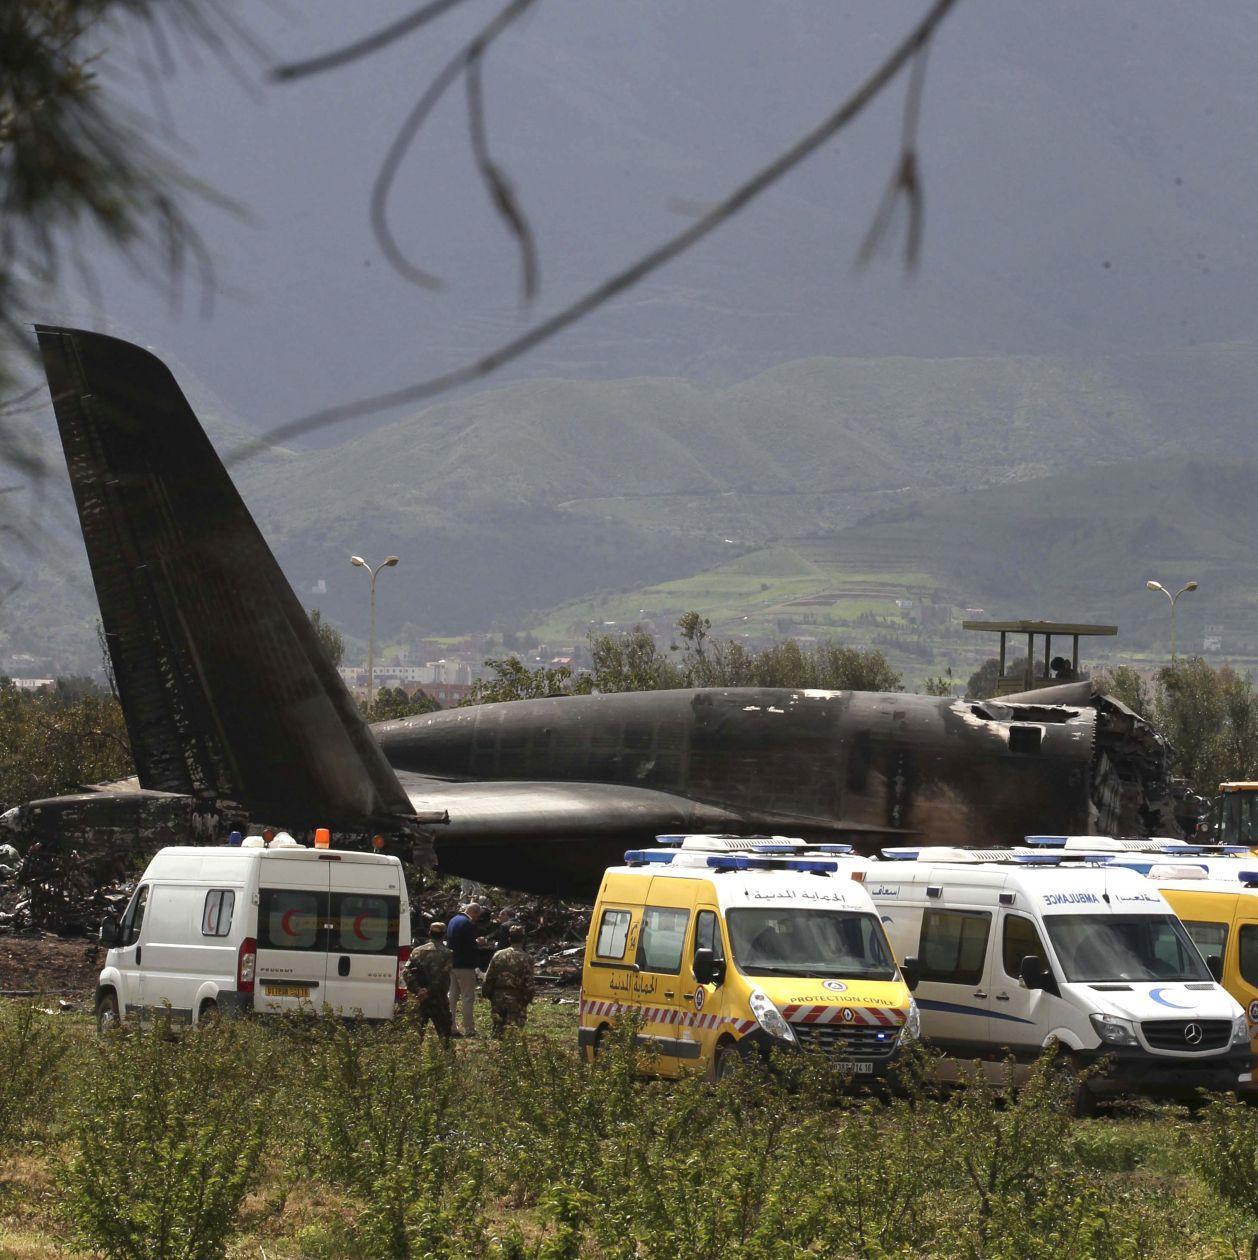 257 жертви на самолетната катастрофа в Алжир, няма оцелели